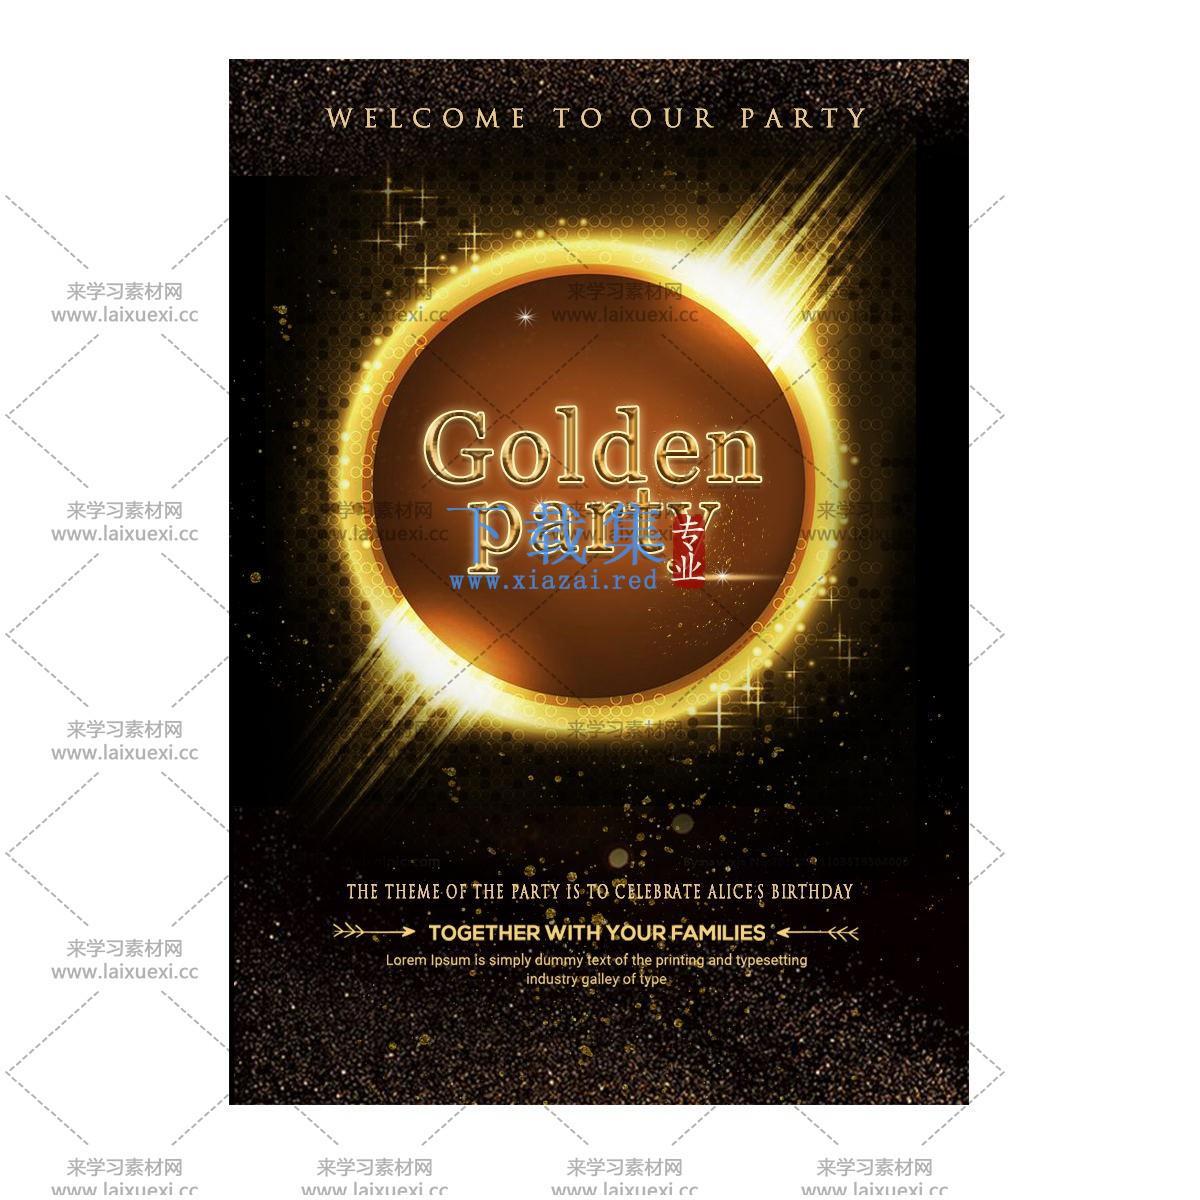 圆形金色派对海报PSD素材